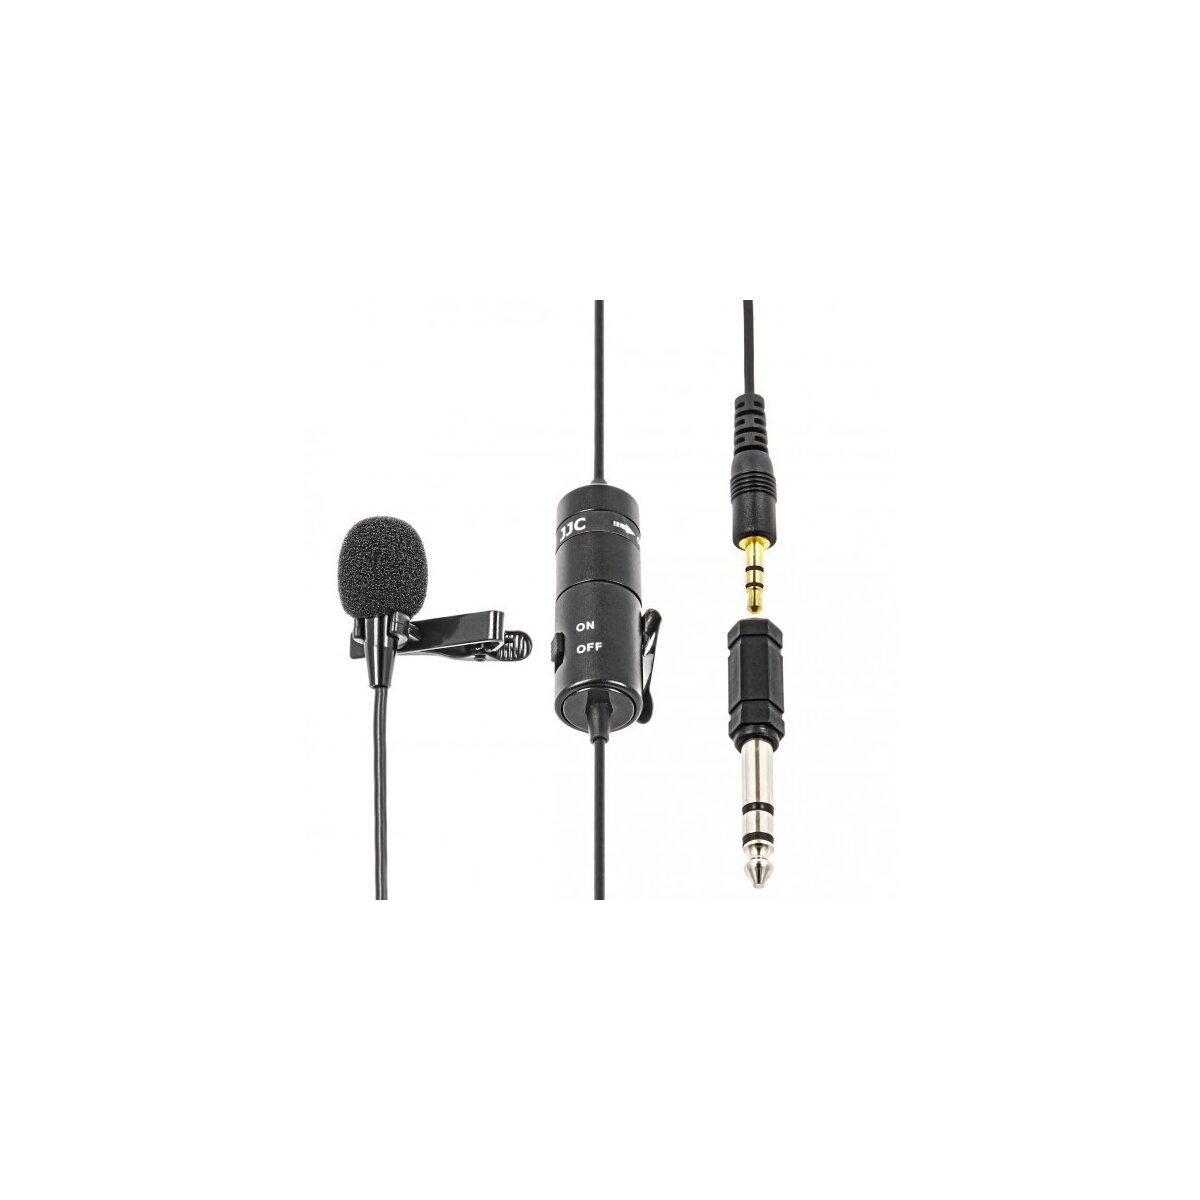 JJC SGM-38 3,5mm Klinke Krawatten- / Ansteckmikrofon fuer Videografie und Vorlesungen